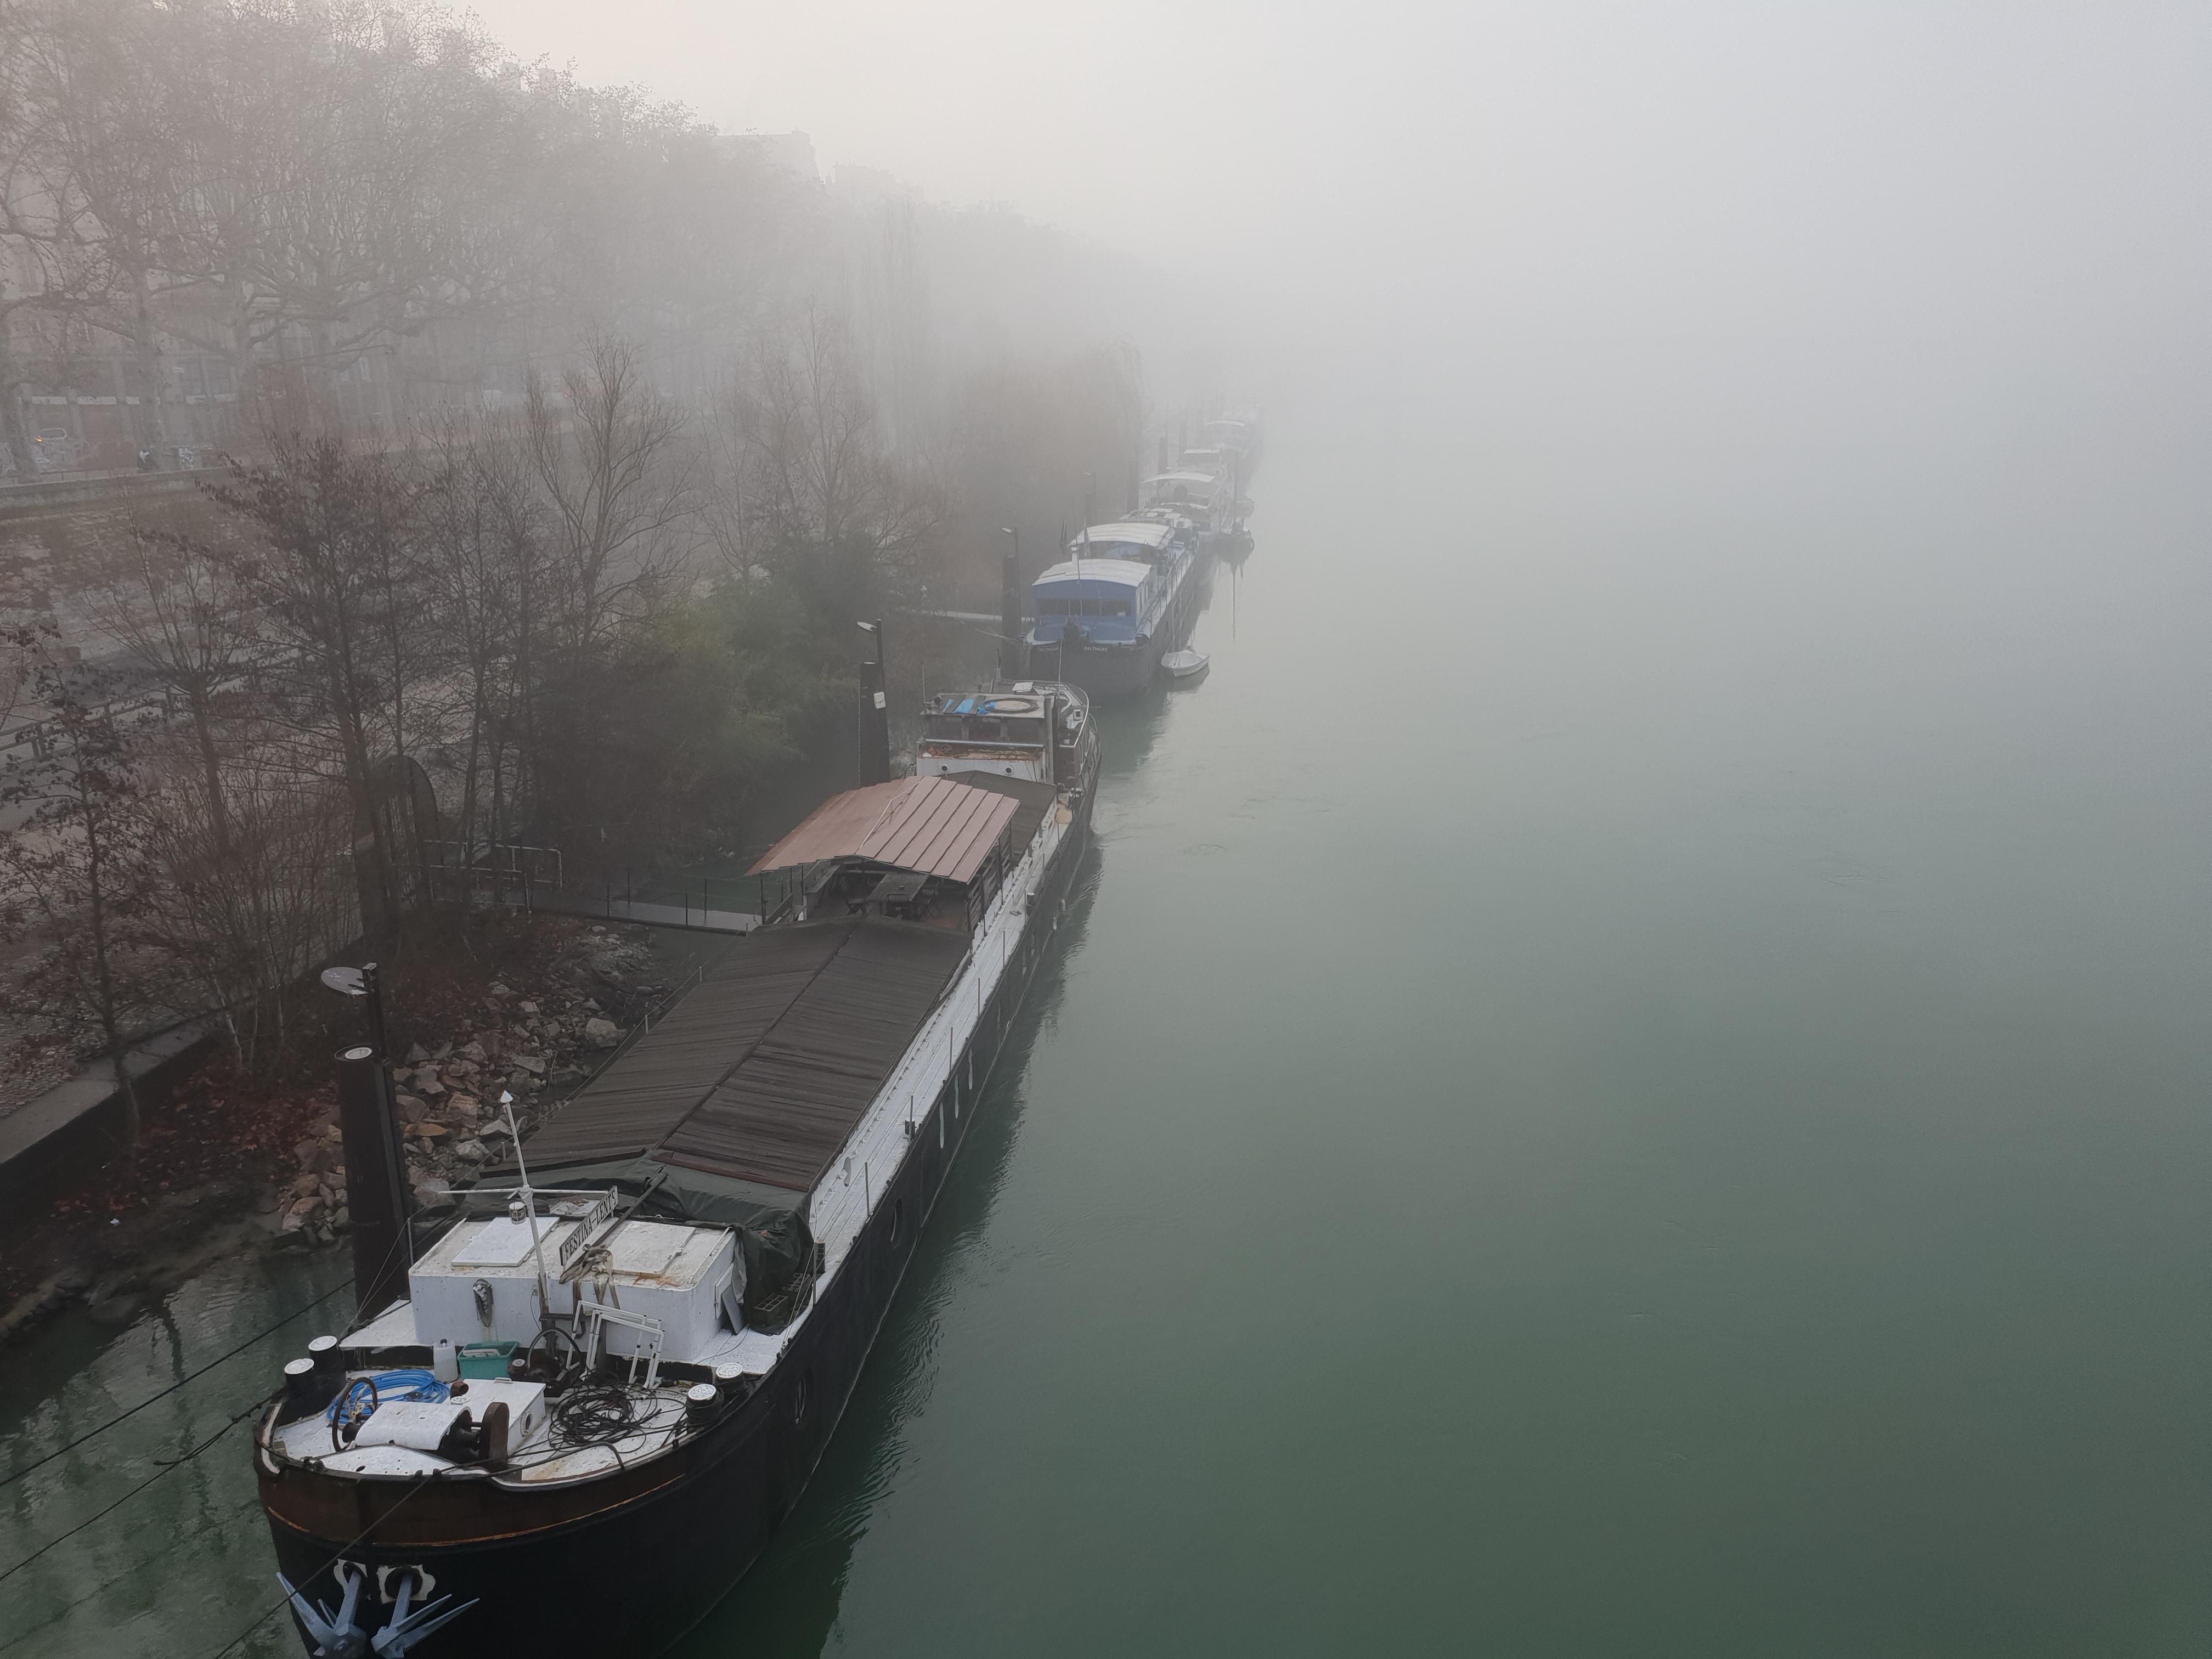 Météo du 4 décembre à Lyon : - 2 degrés, brouillard et pollution - LyonCapitale.fr